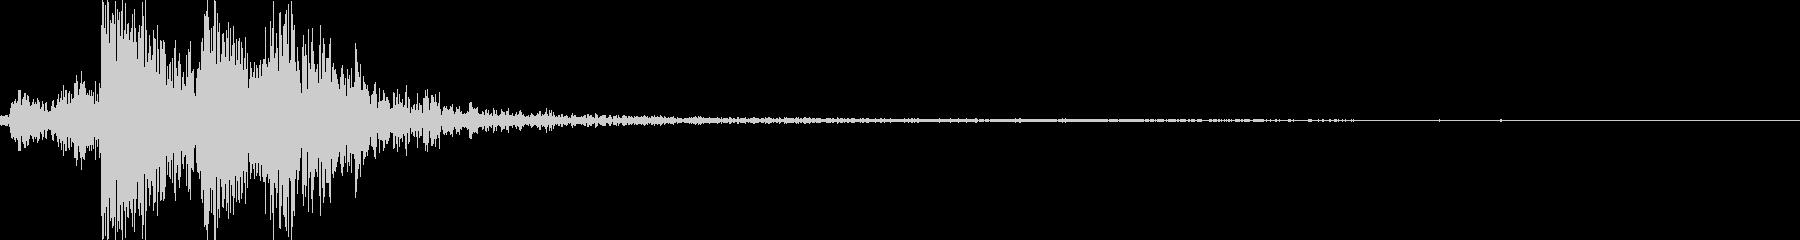 【機械/ロボット系017】動作、装着等の未再生の波形